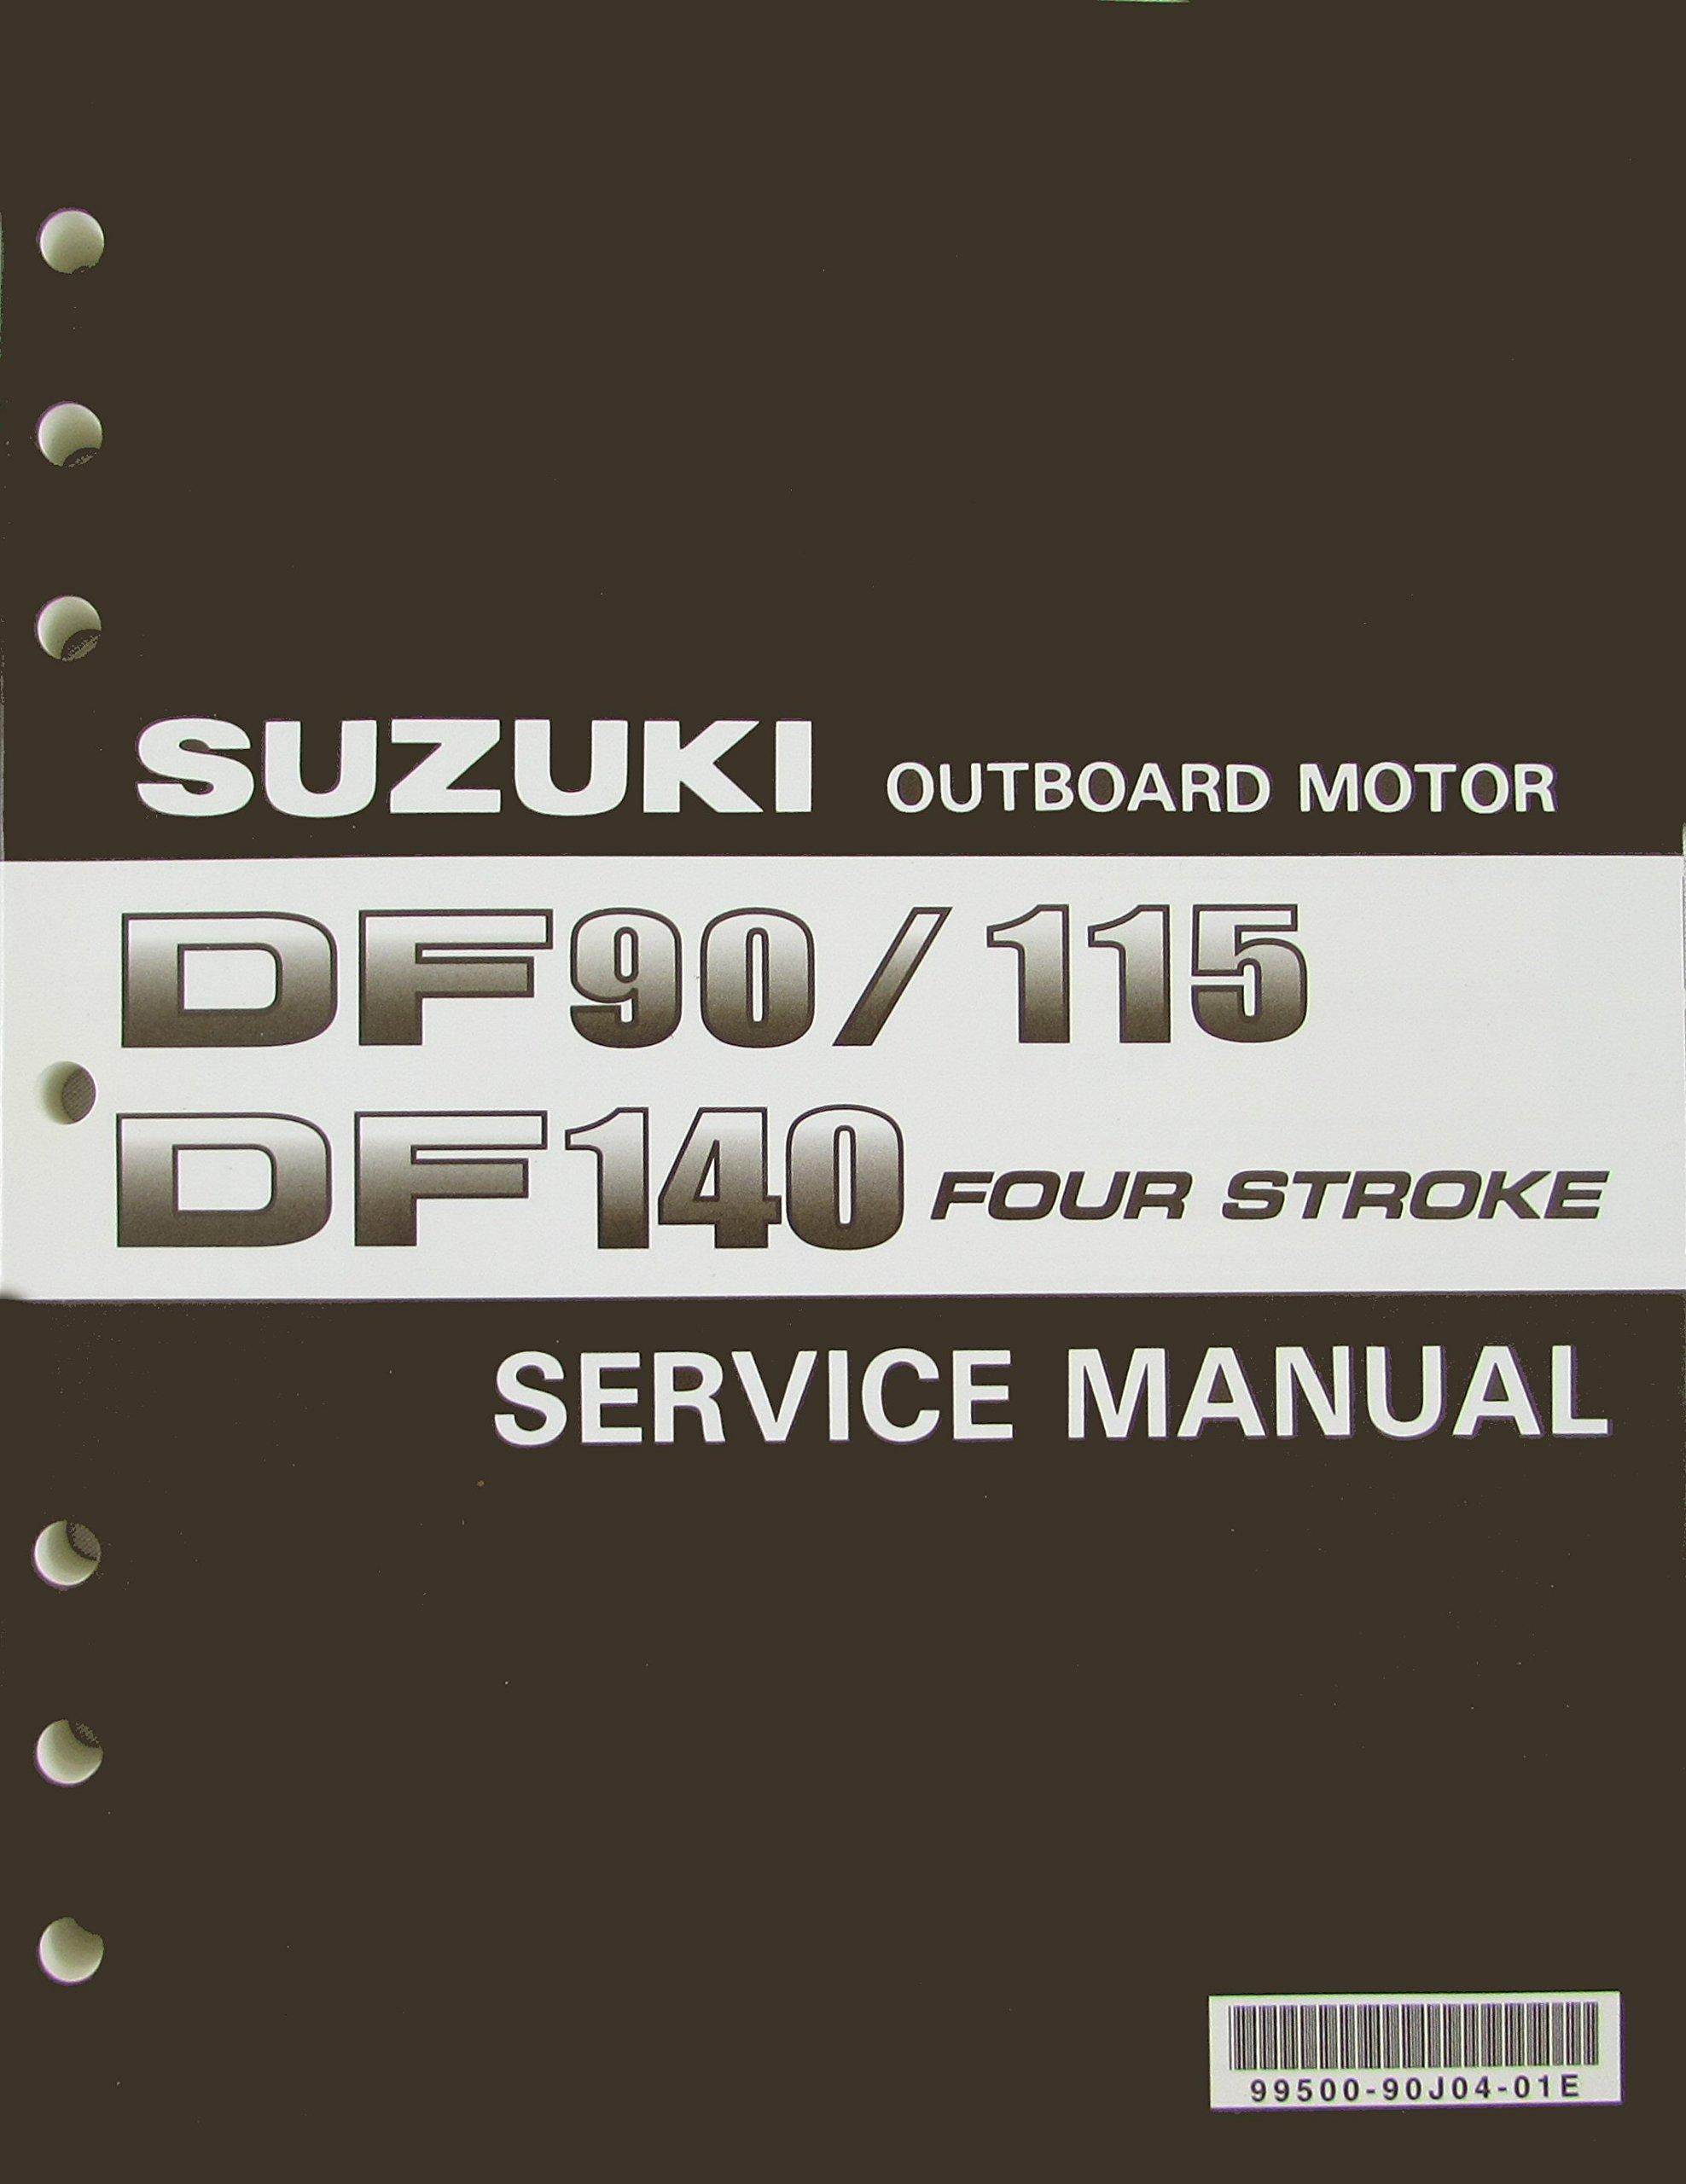 Suzuki Outboard Motor Service Manual: DF90/115, DF140 Four Stroke: Suzuki  Motor Corporation: Amazon.com: Books